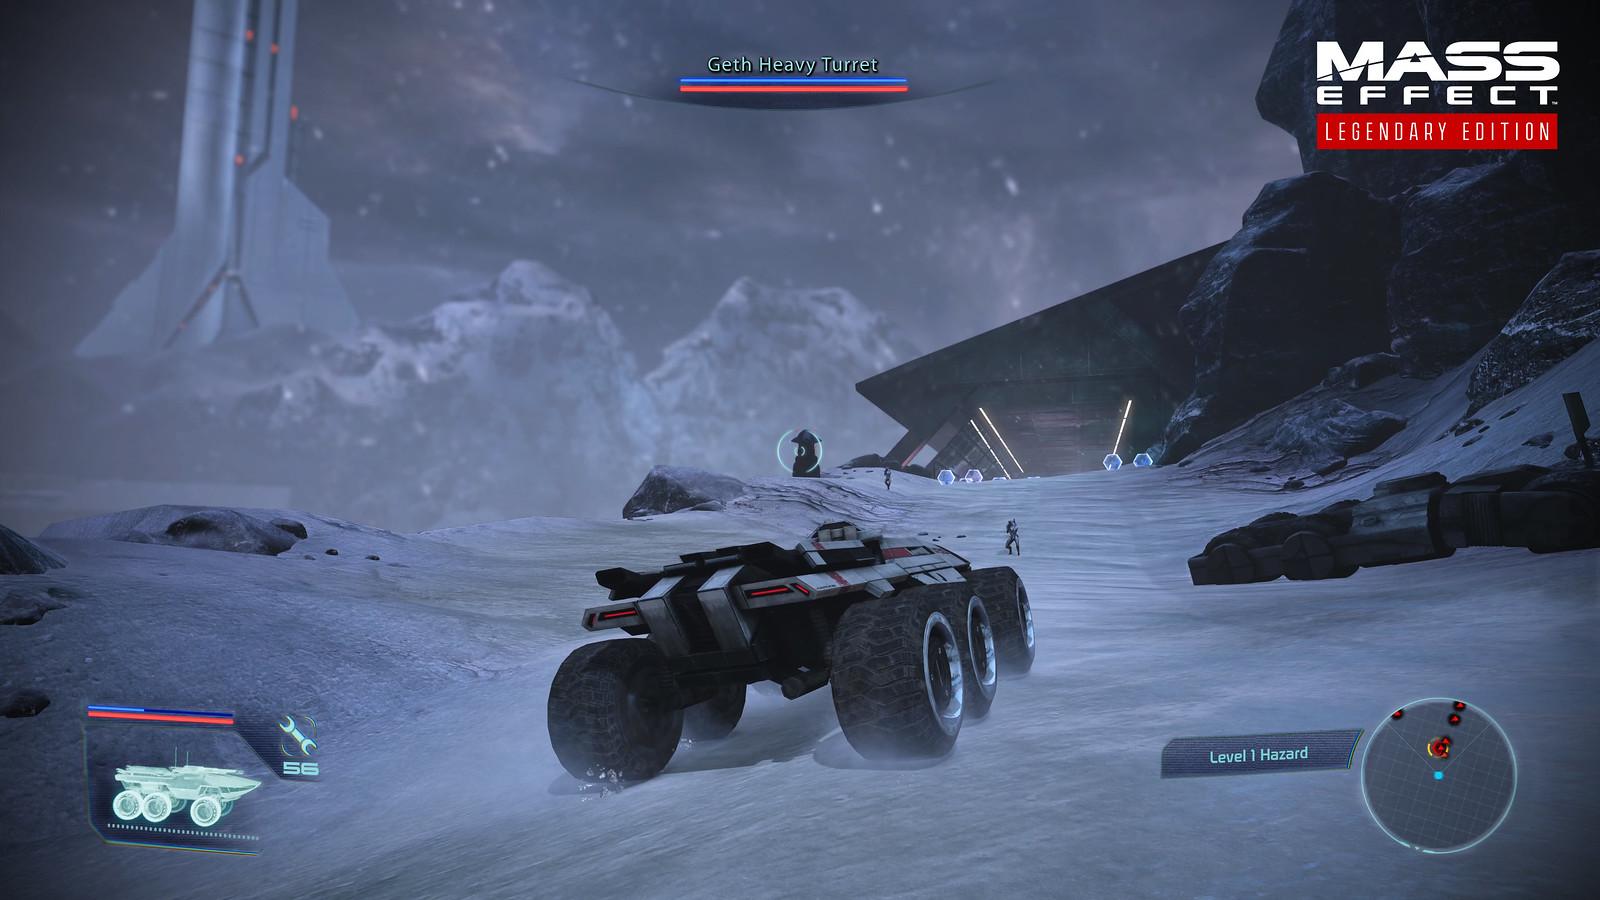 Mass Effect Legendary Edition Noveria